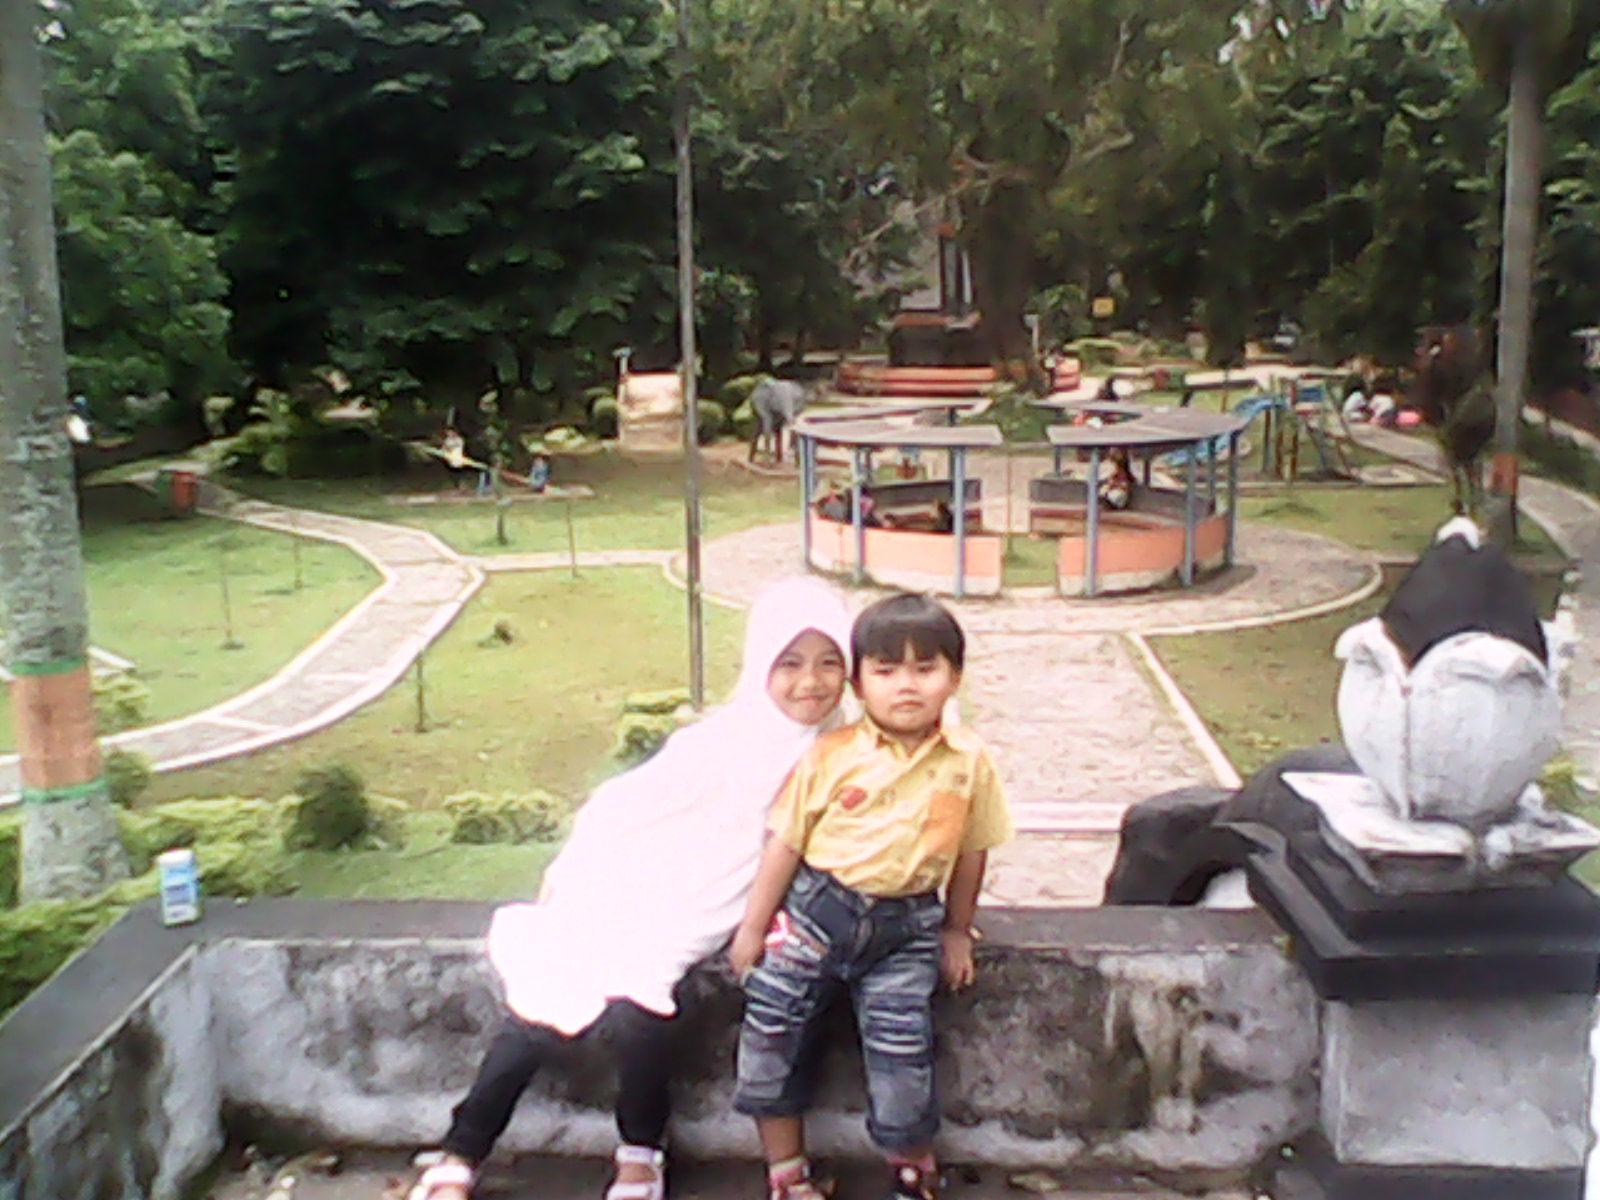 Wahanawisata Taman Unyil Rekreasi Tengah Kota Jarang Ditemukan Tempat Publik